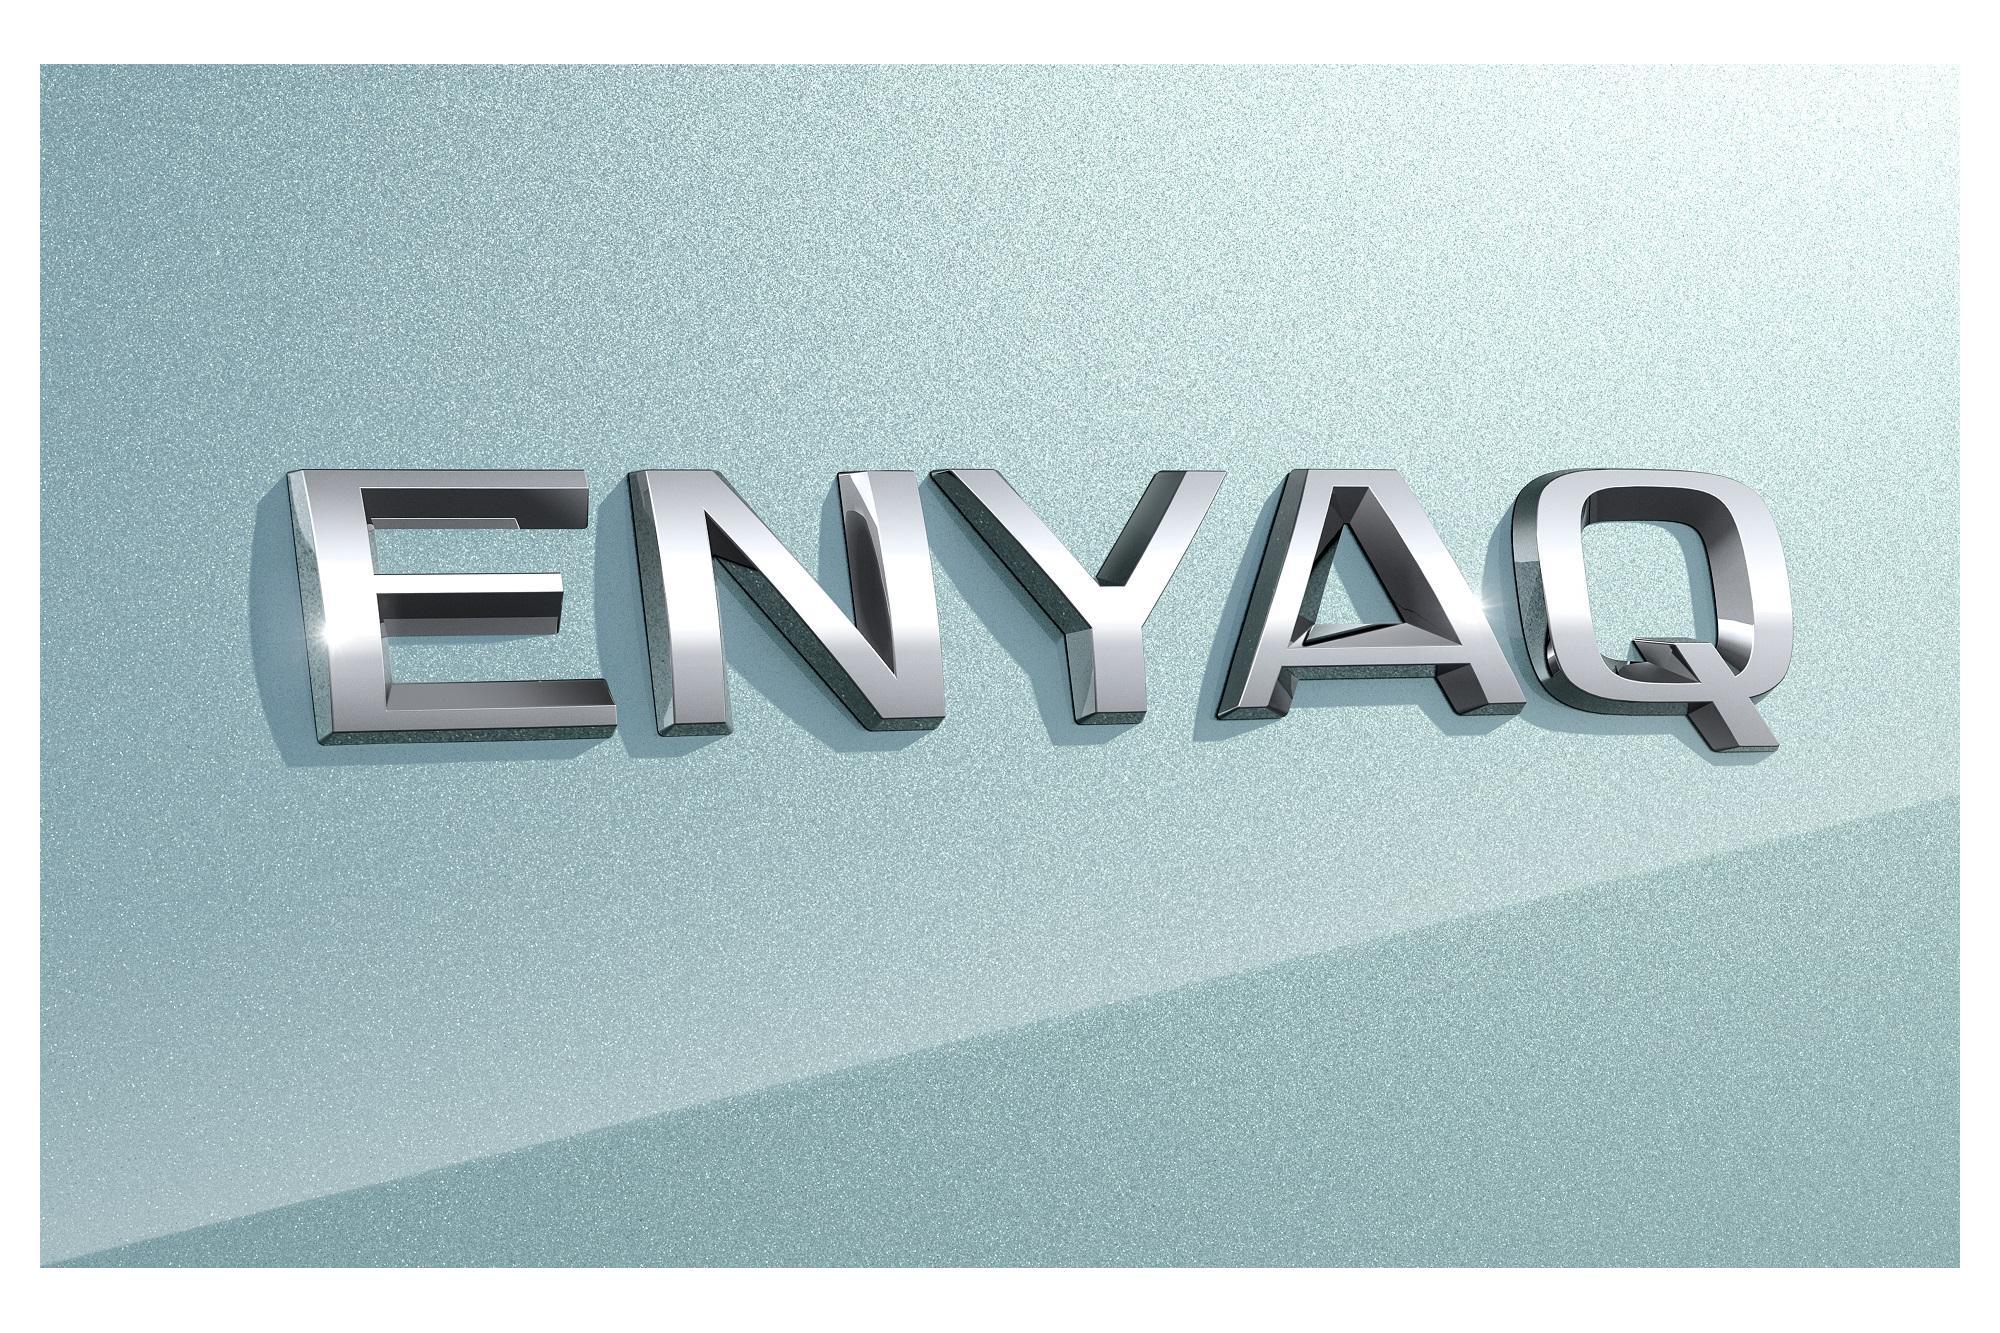 Η Skoda αποκαλύπτει το Enyaq